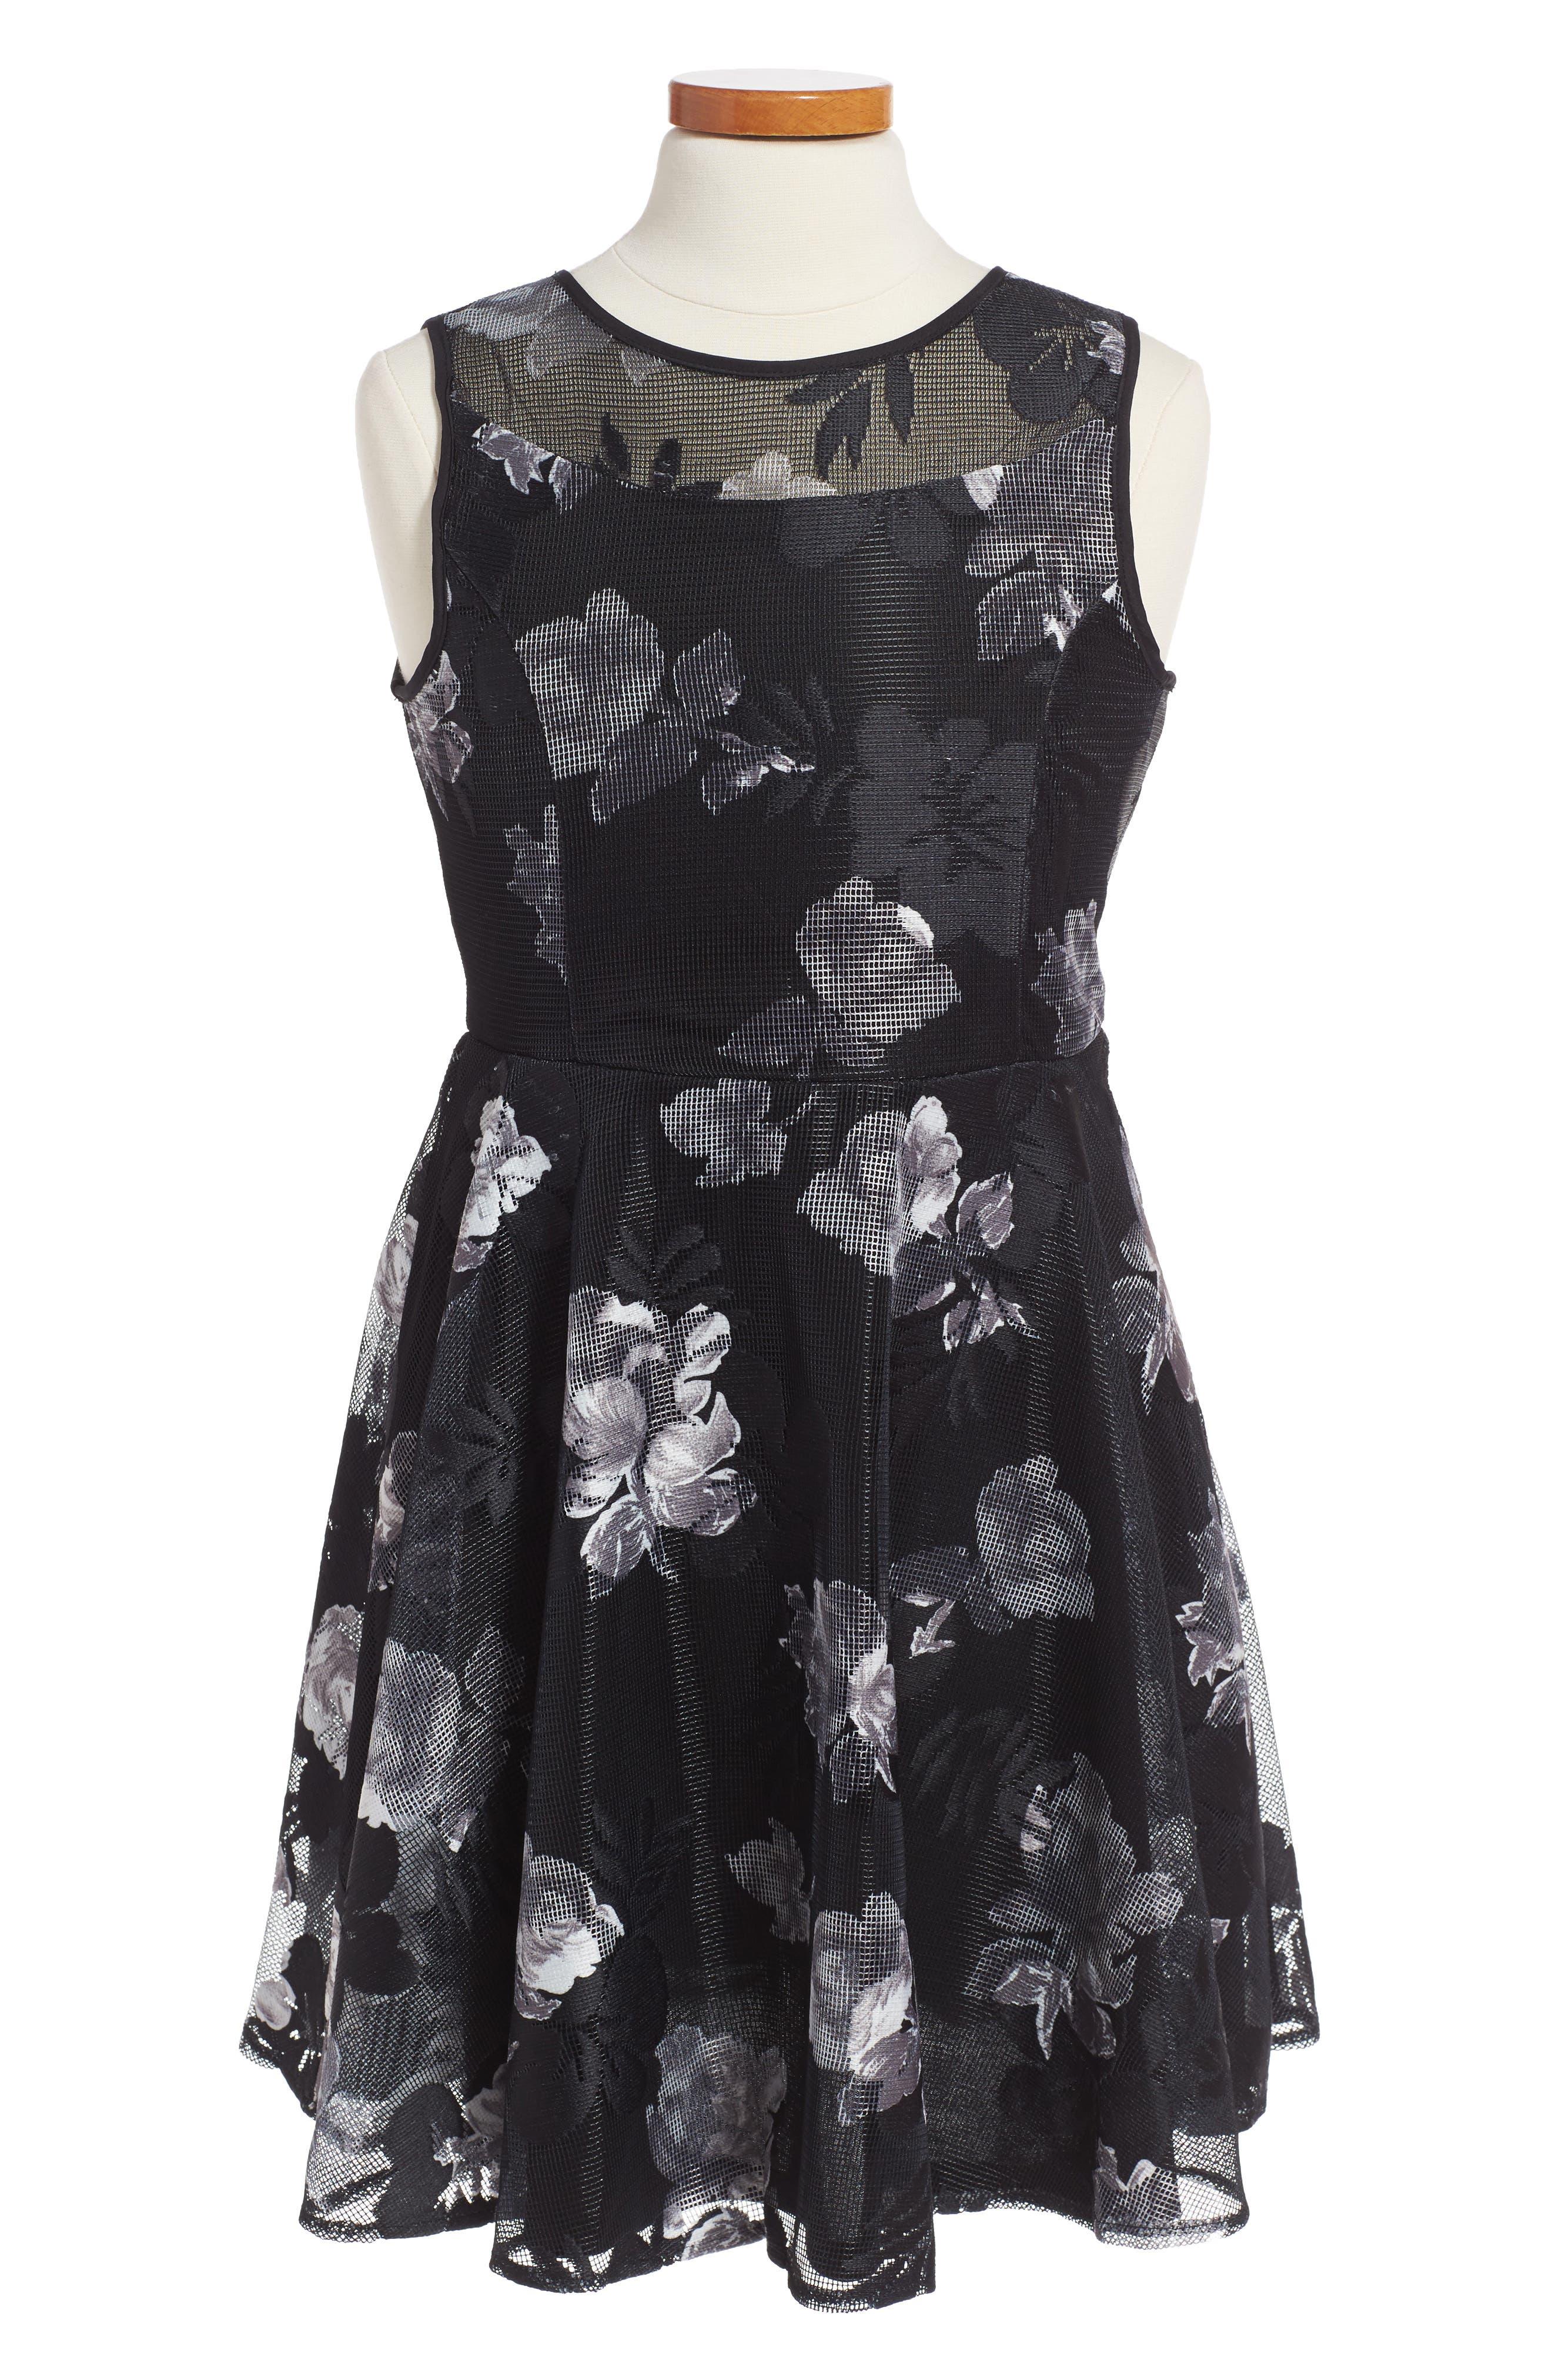 PIPPA & JULIE Floral Lace Dress